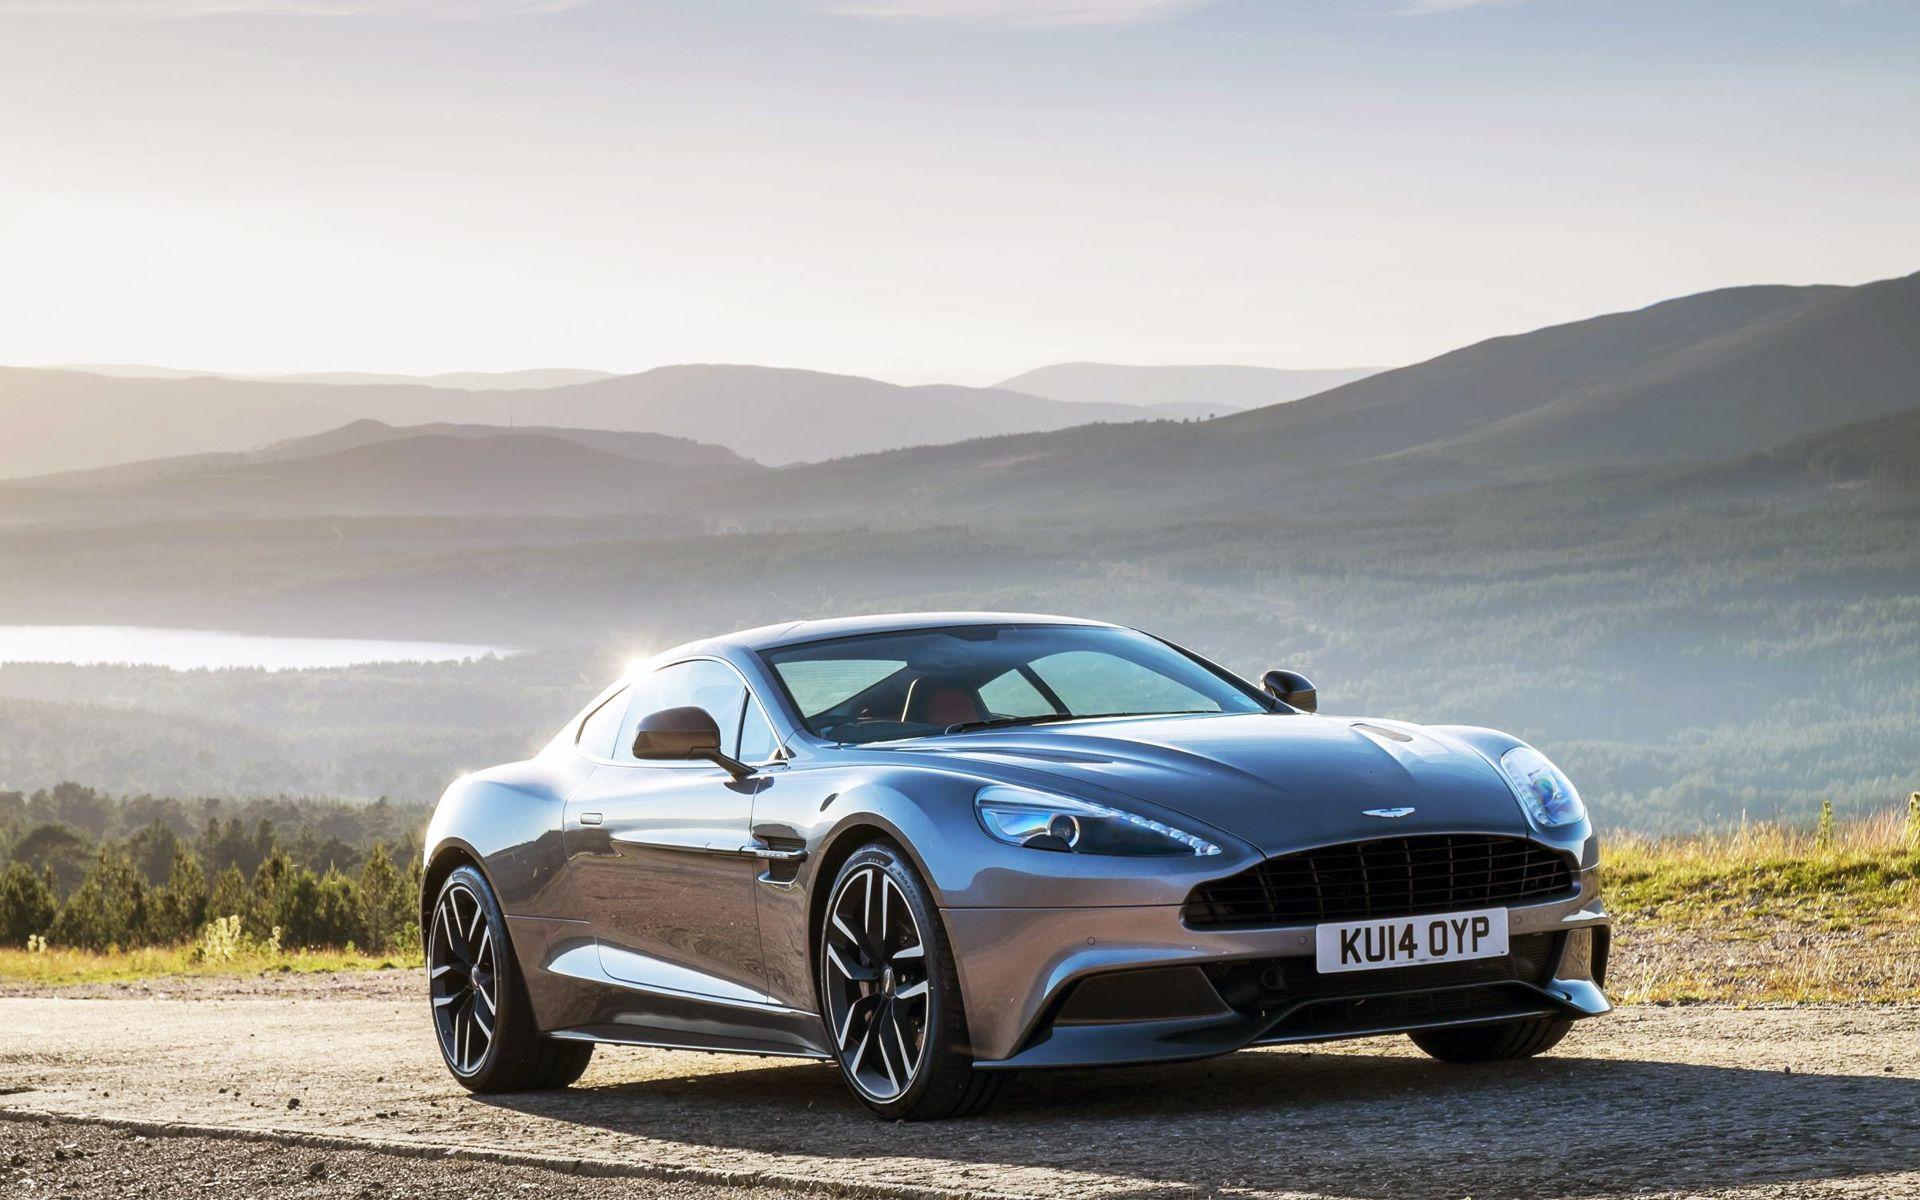 Aston Martin Db10 Wallpaper Hd